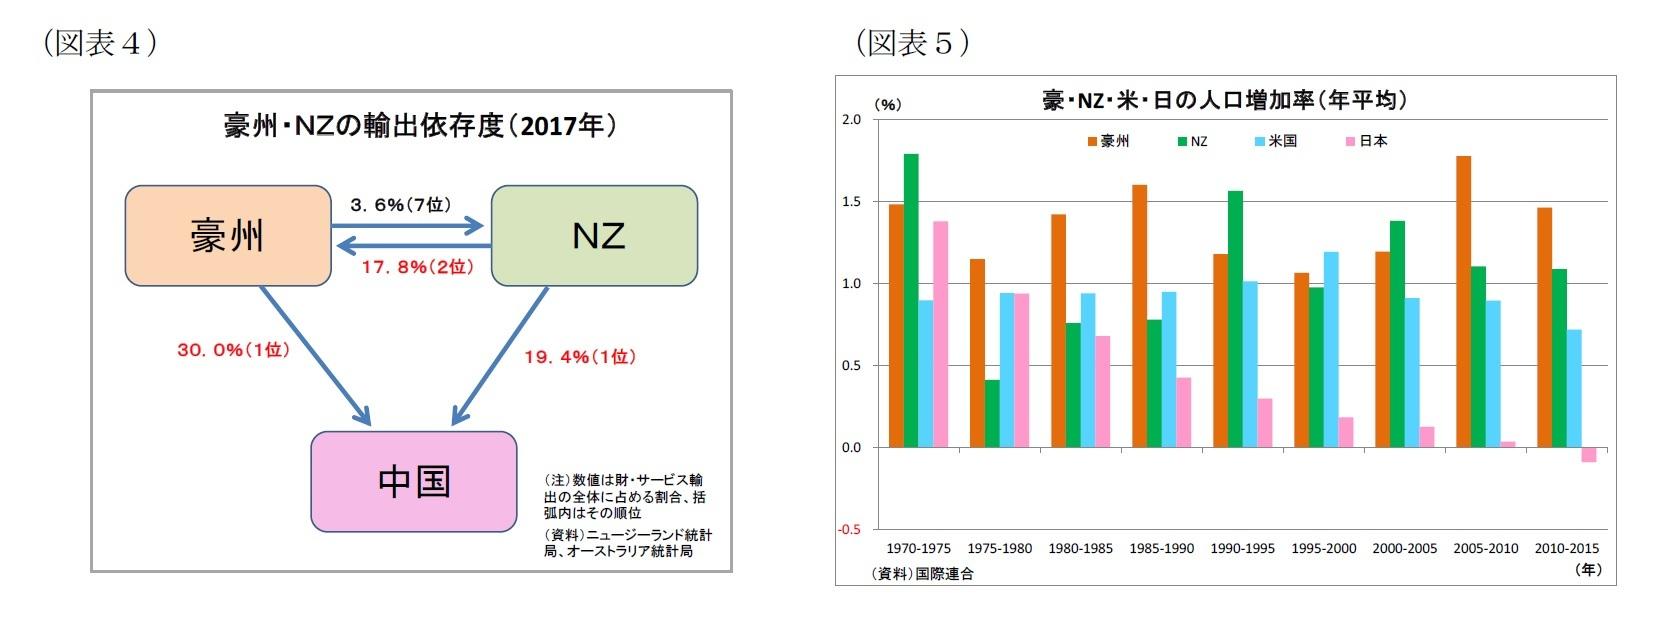 (図表4)豪州・NZの輸出依存度(2017年)/(図表5)豪・NZ・米・日の人口増加率(年平均)